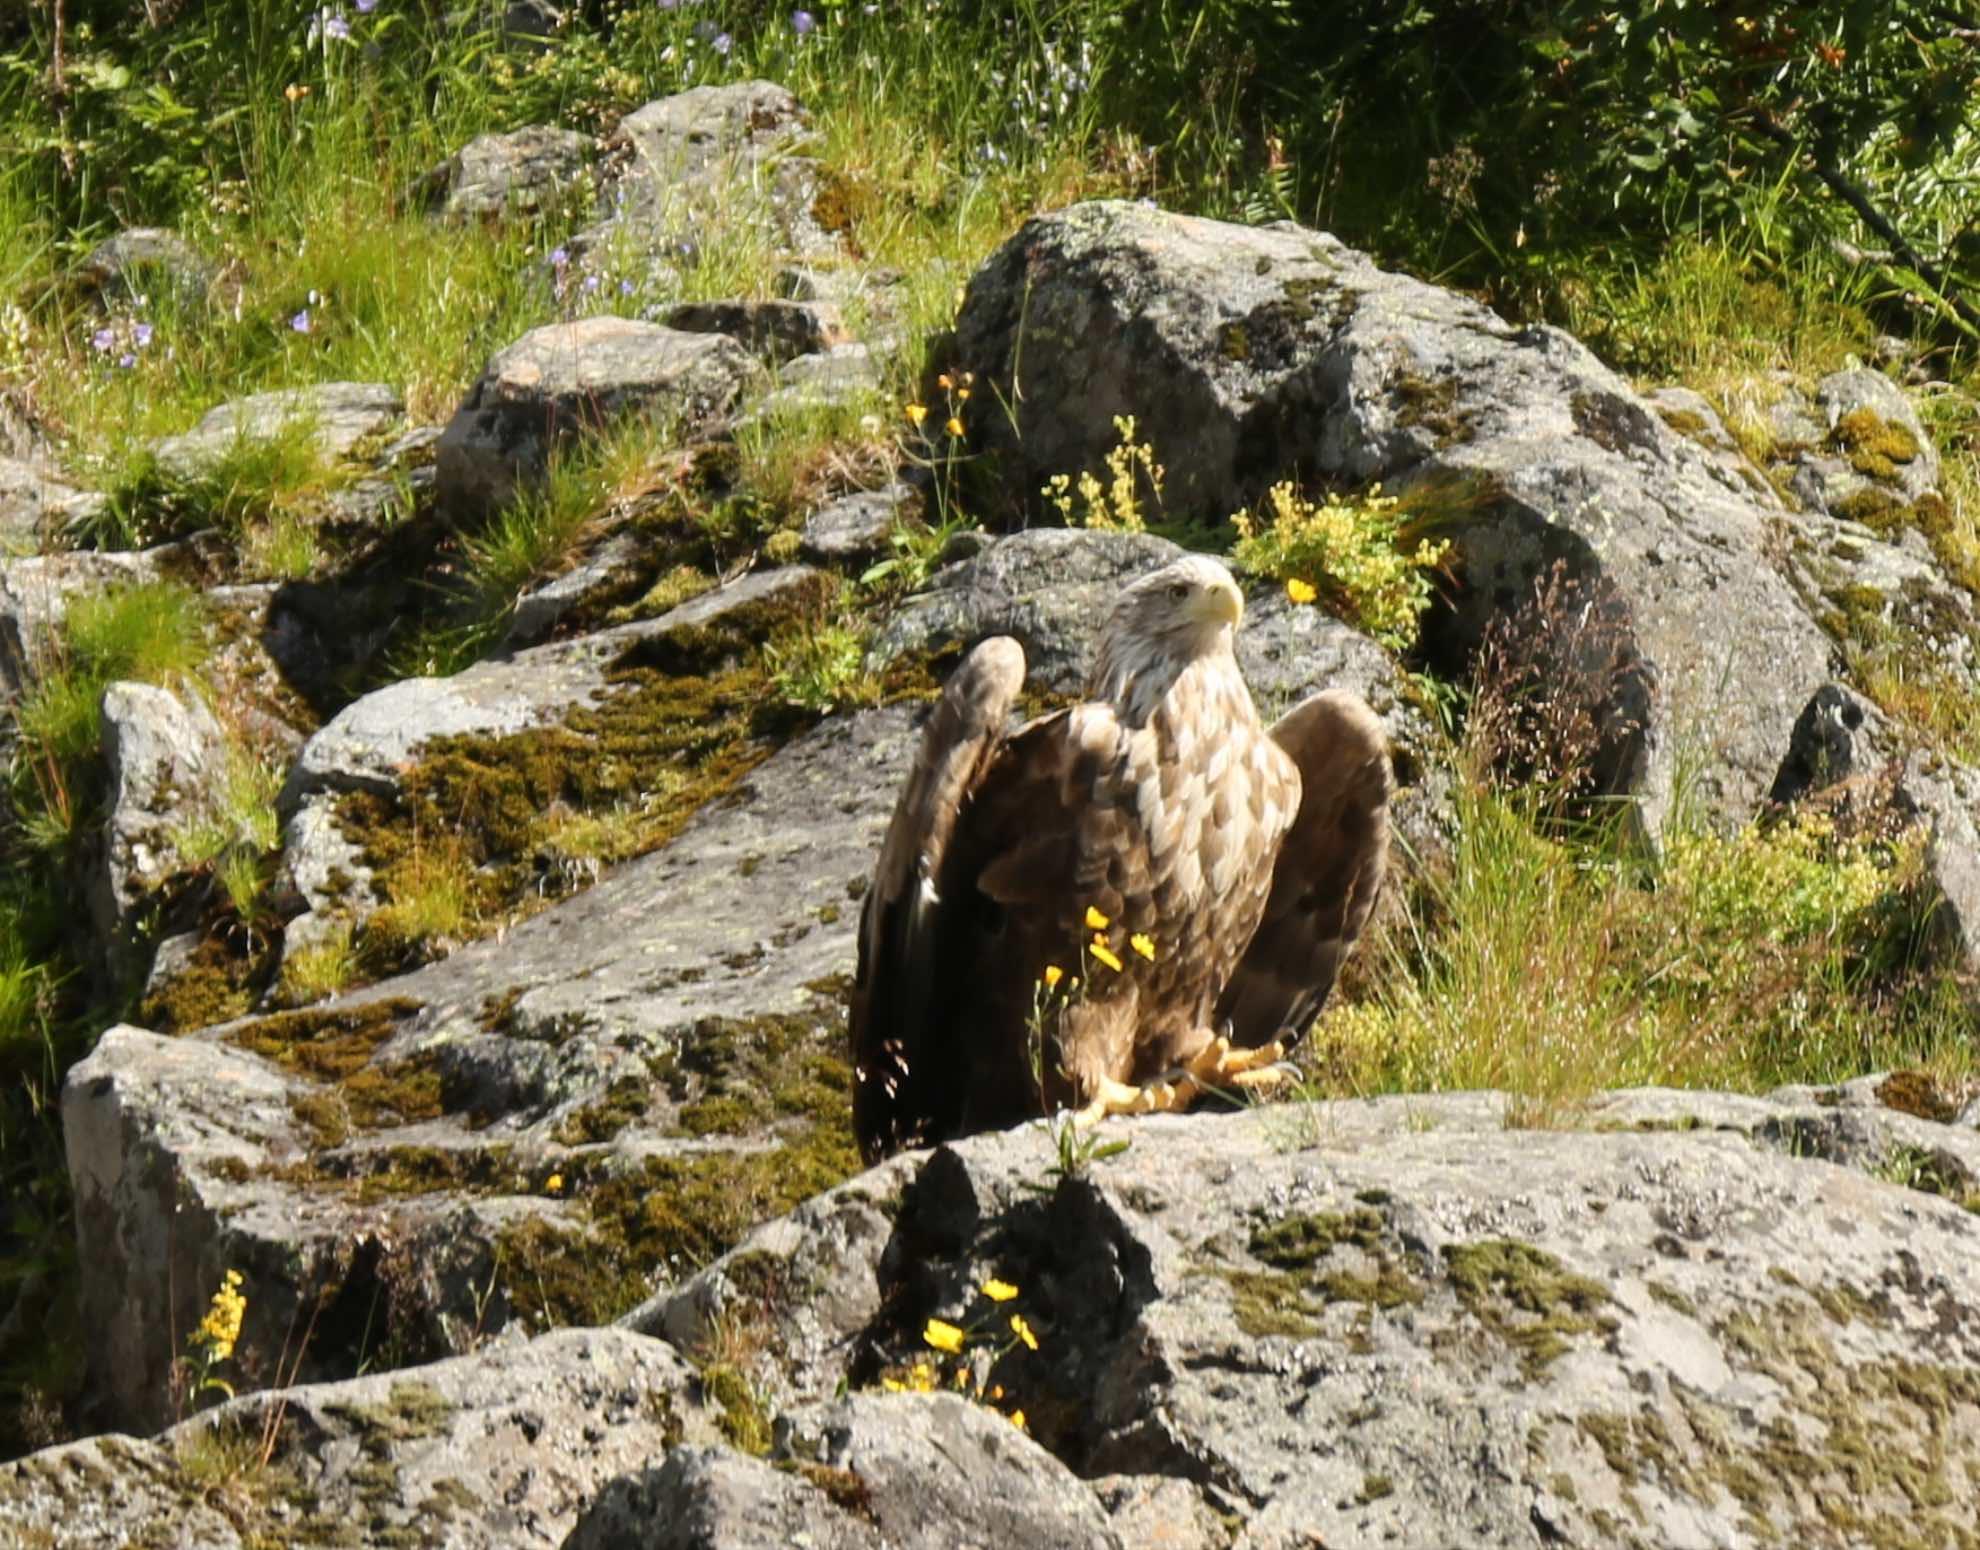 ... die größten Raubvögel Norwegens.